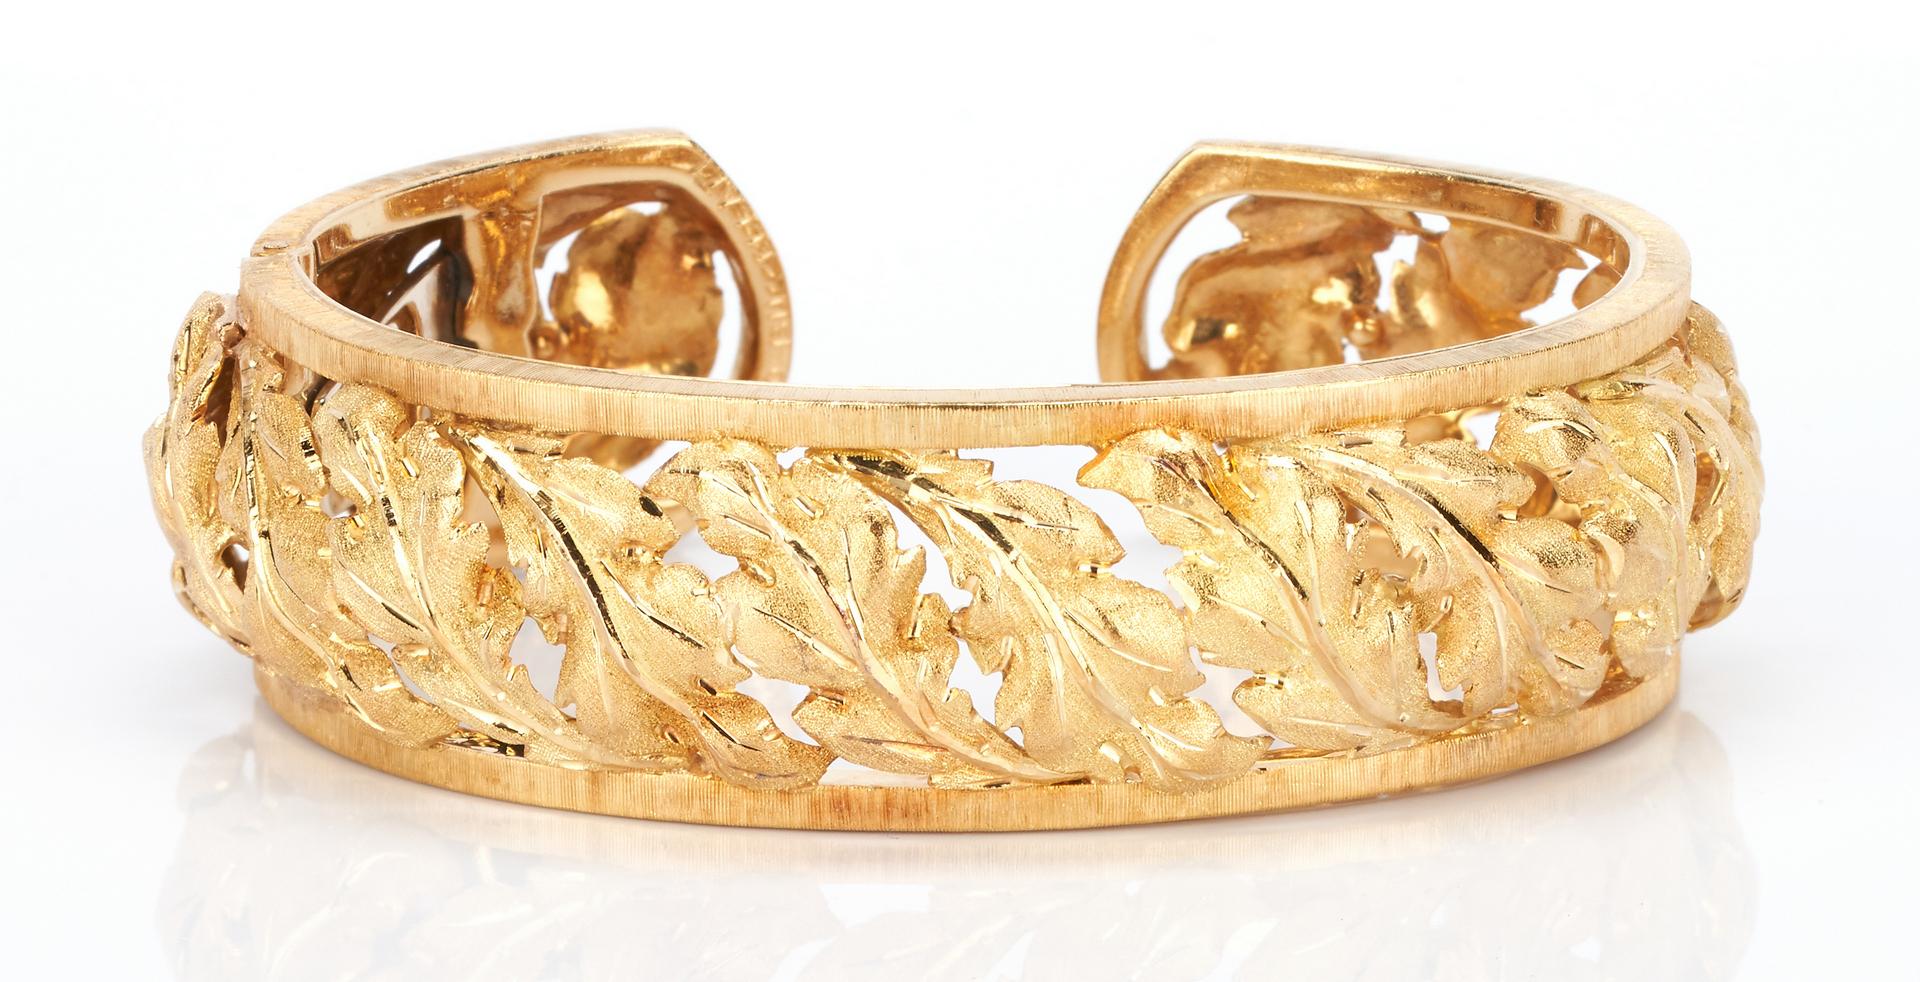 Lot 25: 18K Buccellati Cuff Bracelet